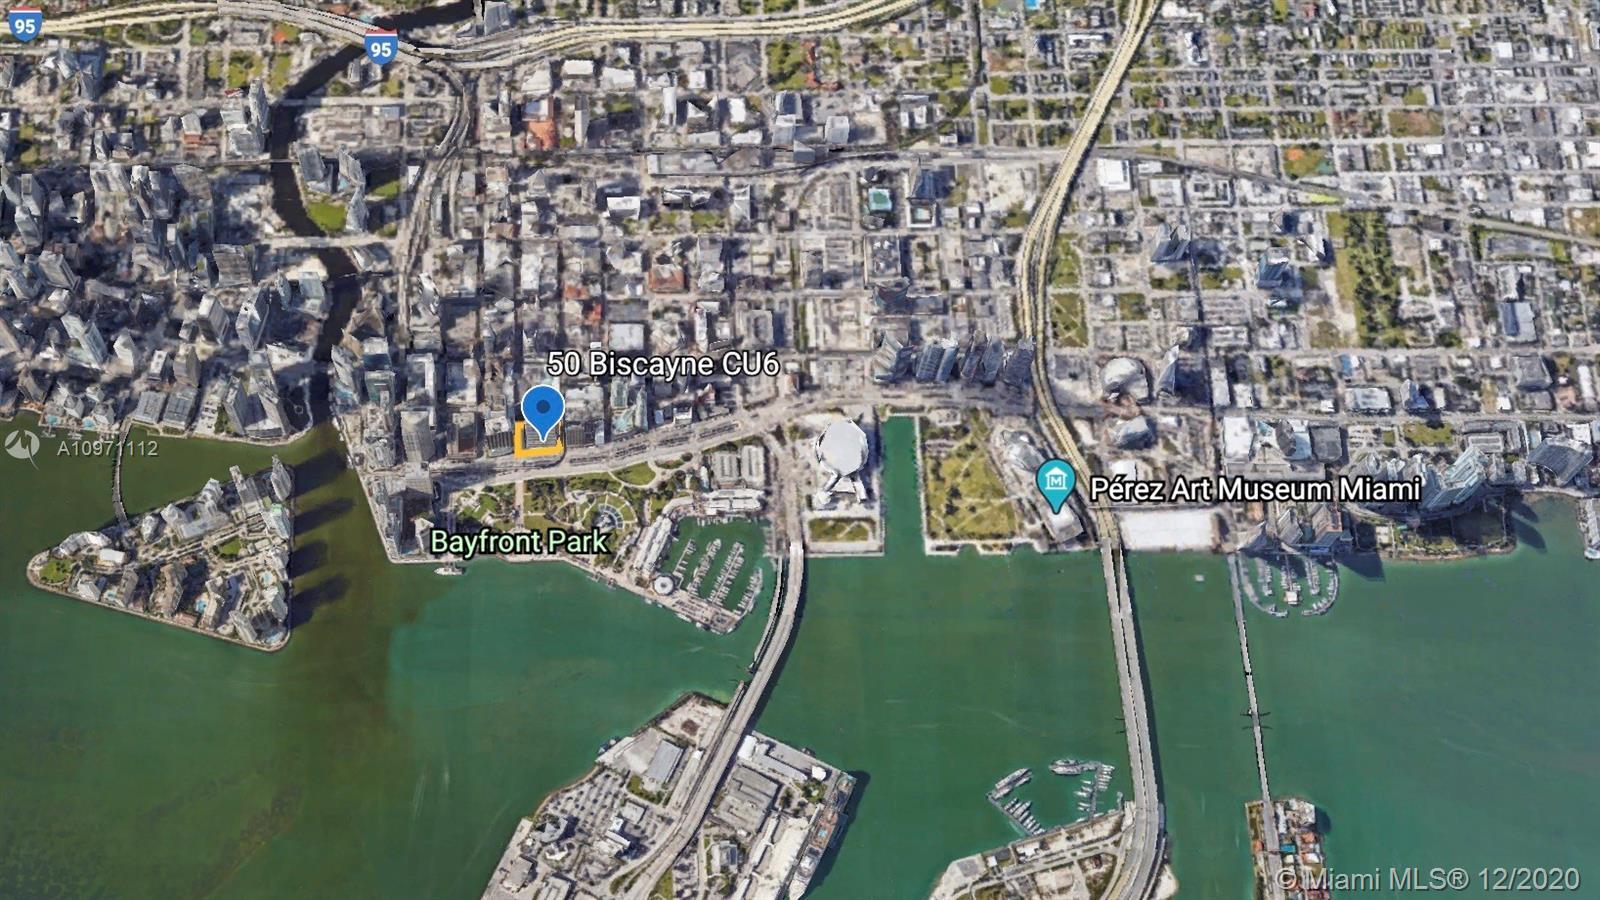 50 Biscayne #CU6 - 50 Biscayne Blvd #CU6, Miami, FL 33132